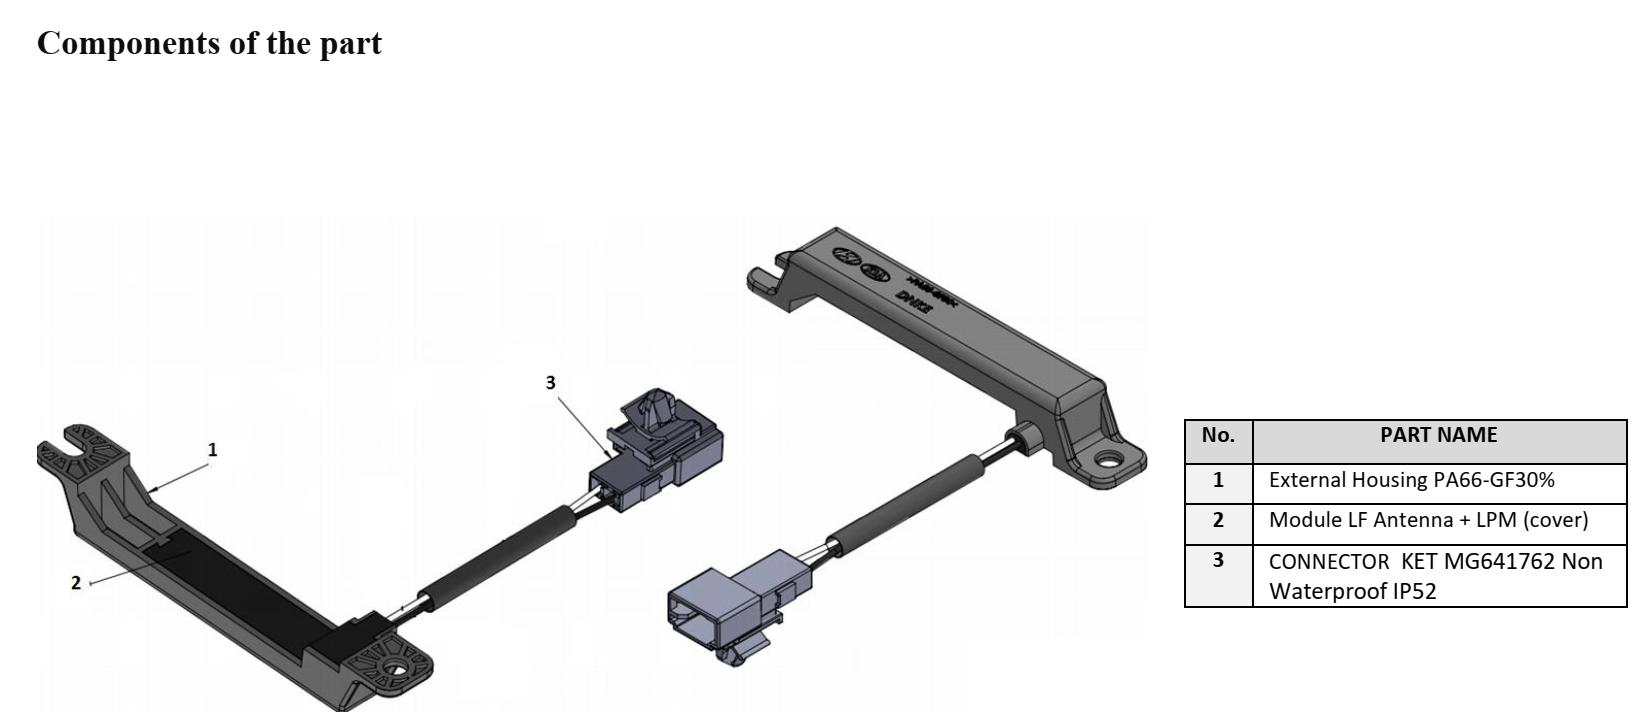 KGEA-HBT parts